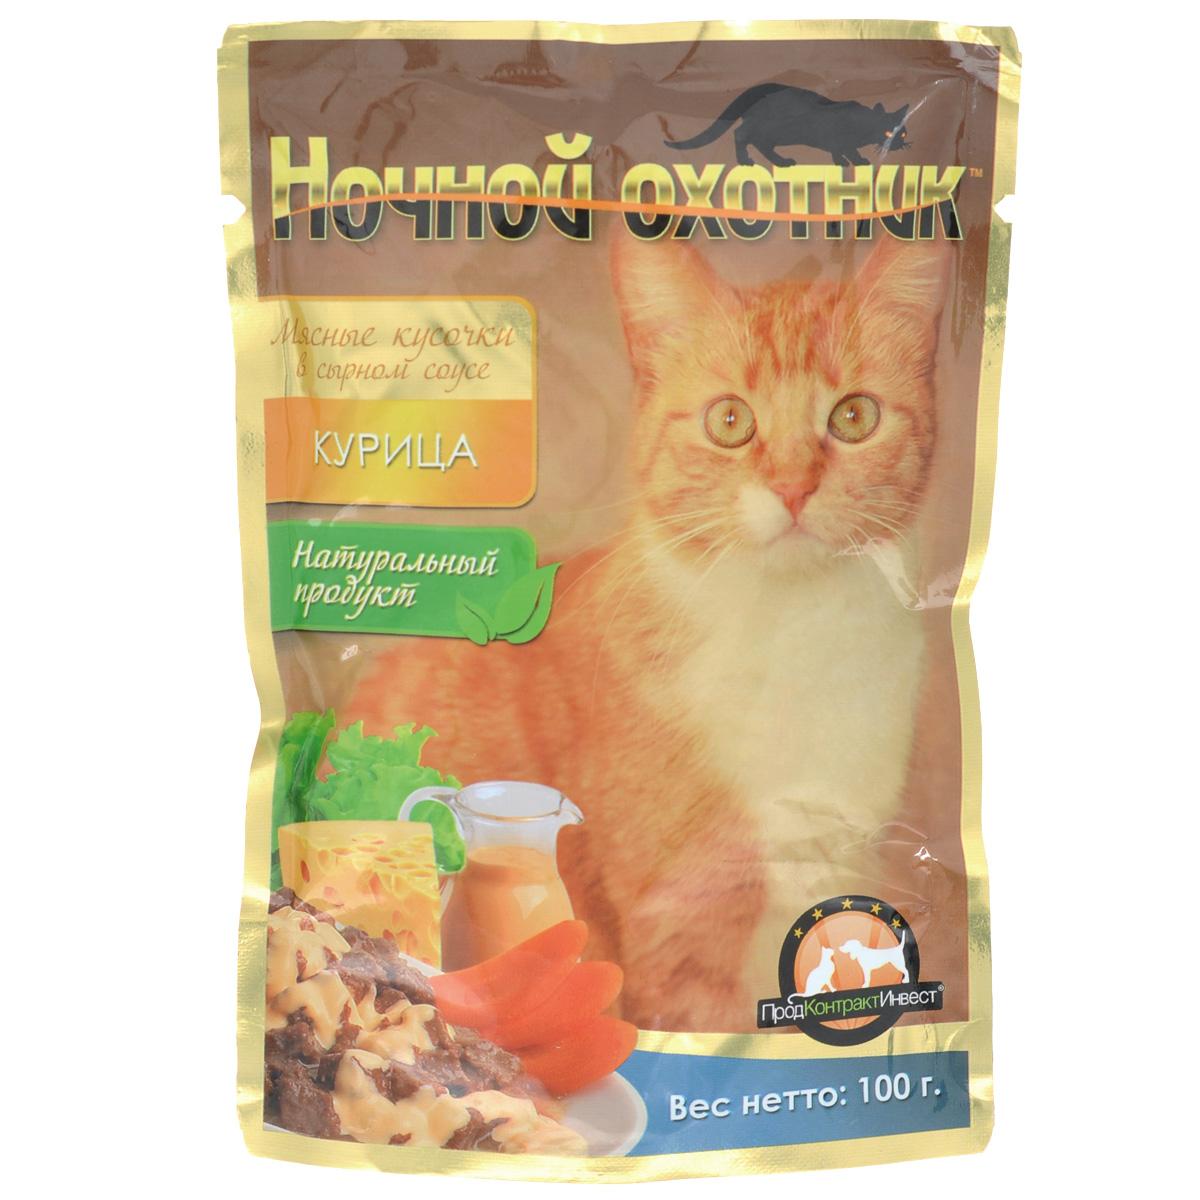 Консервы для взрослых кошек Ночной охотник, с курицей в сырном соусе, 100 г53037Консервы Ночной охотник с курицей в сырном соусе - полноценное сбалансированное питание для взрослых кошек. Изготовлены из натурального мяса, без содержания сои, консервантов и ГМО продуктов. В состав корма входят питательные вещества, белки, минеральные вещества, витамины, таурин и другие компоненты, необходимые кошке для ежедневного питания. Состав: мясо и субпродукты животного происхождения (в т.ч. мясо курицы не менее 30%), злаки, растительное масло, йогурт сухой, сырный порошок, минеральные вещества, таурин, витамины А, D3, E. Пищевая ценность в 100 г: сырой белок - 8%, сырой жир - 4,5%, сырая клетчатка - 0,5%, кальций - 0,5%, фосфор - 0,4%, сырая зола - 2%, влажность 82%. Вес: 100 г . Энергетическая ценность: 75 ккал/100г. Товар сертифицирован.